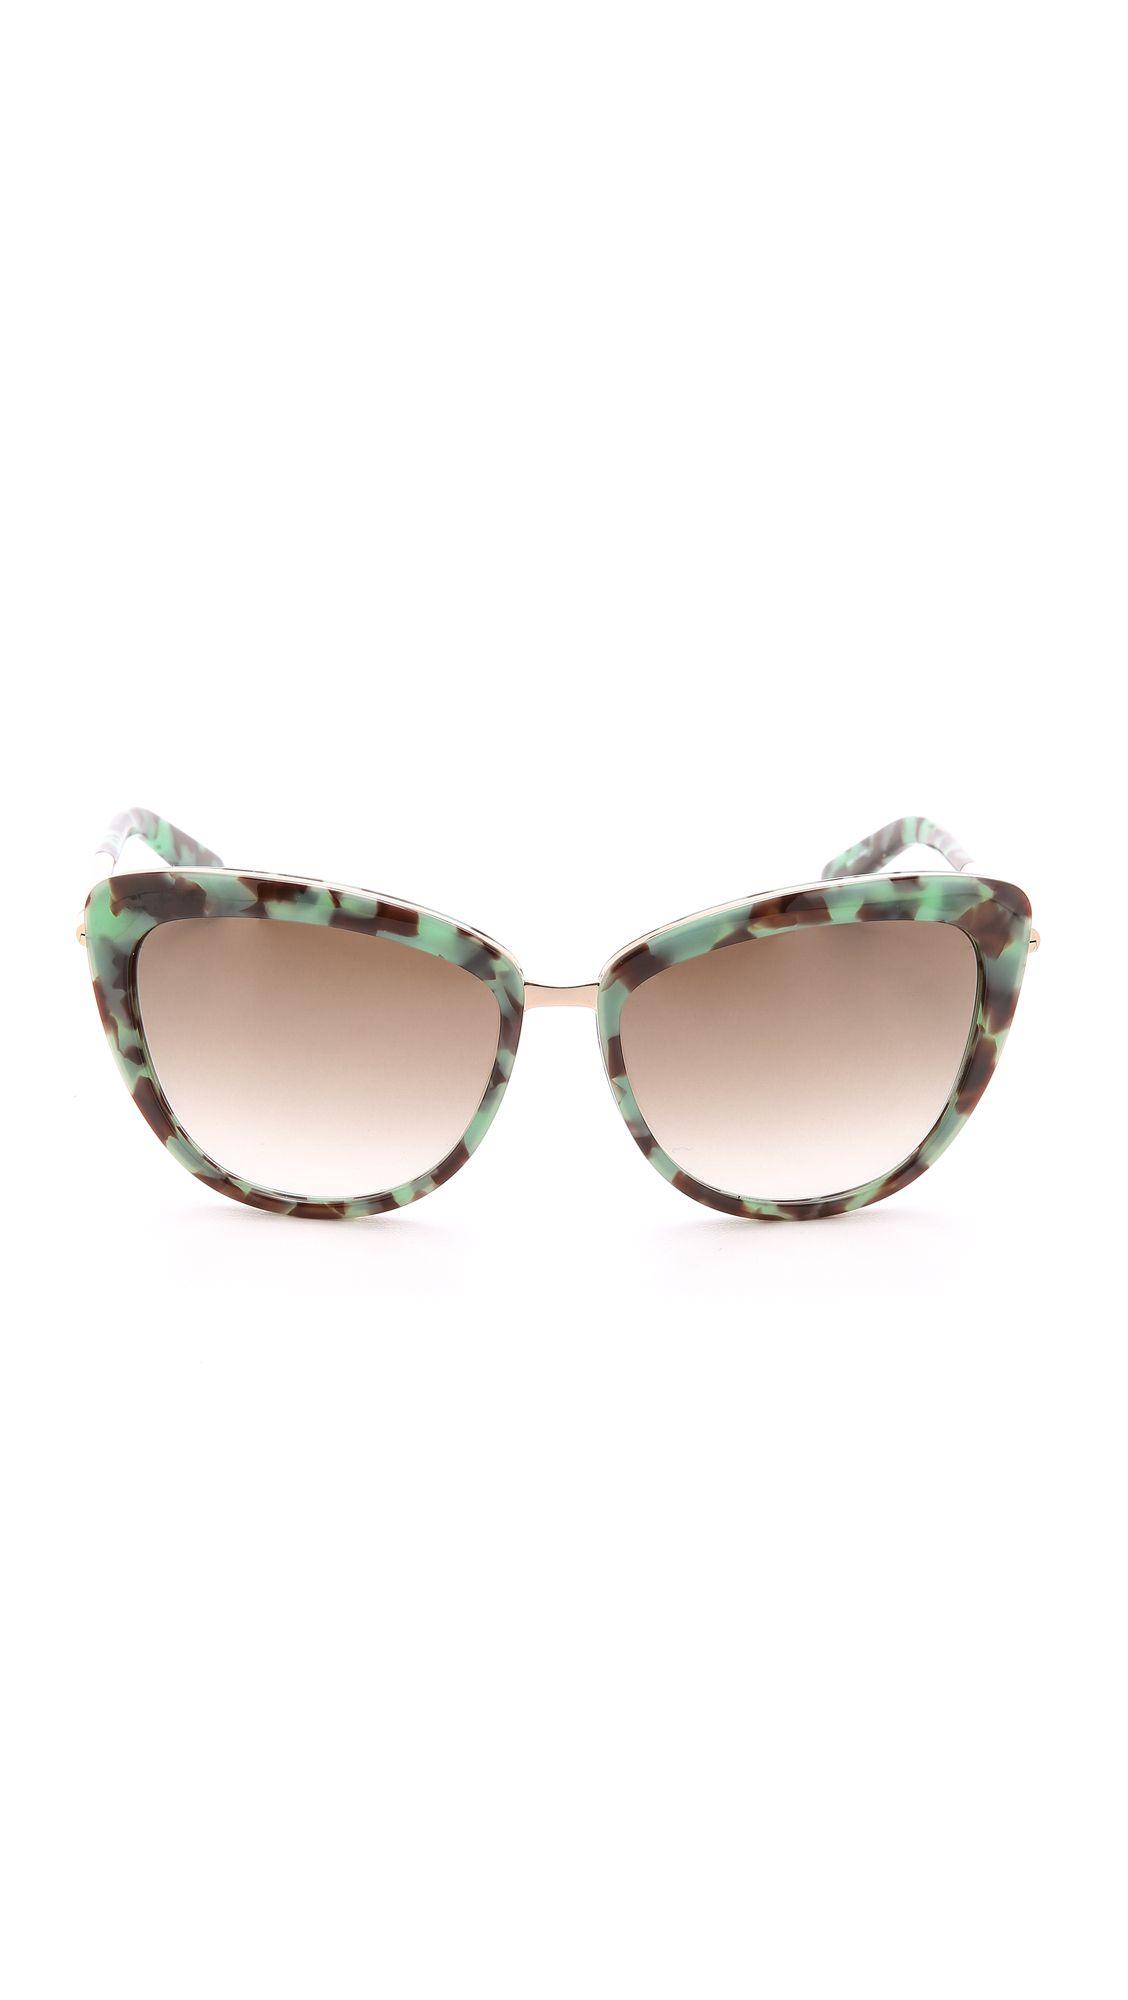 87b32199d4e86 Kate Spade New York Kandi Sunglasses